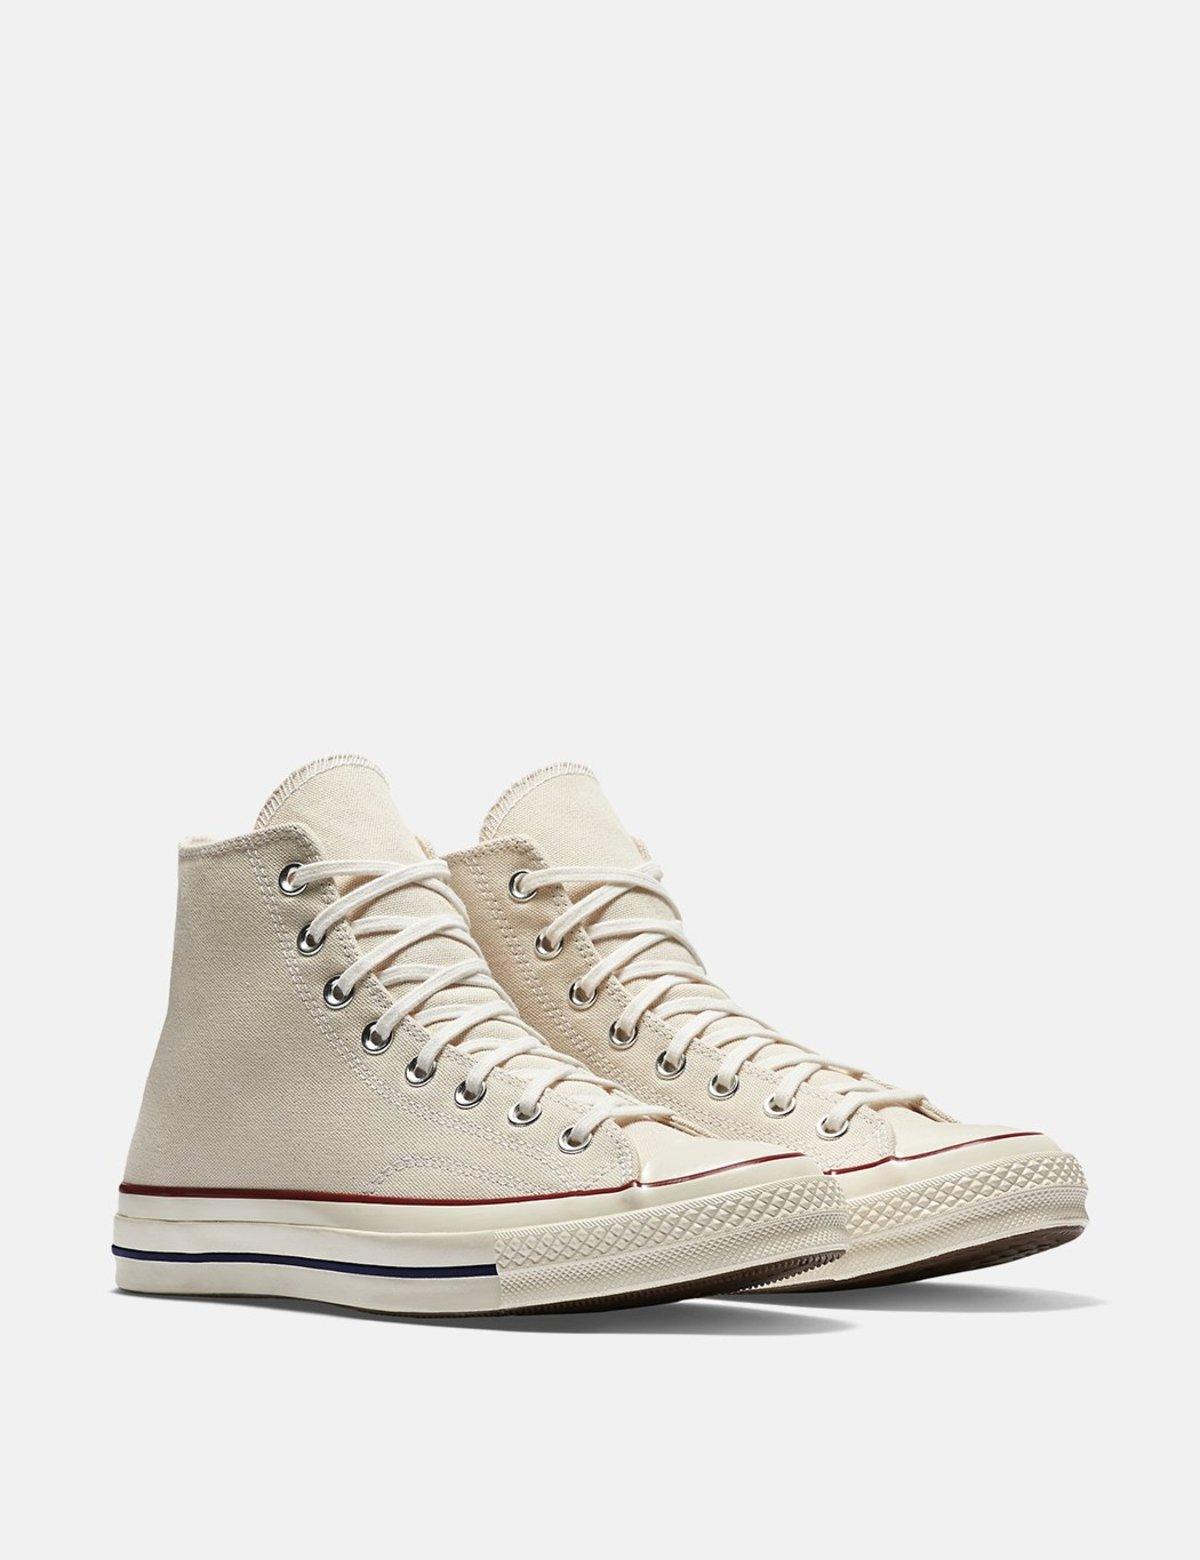 Converse 70's Chuck Taylor Canvas Hi Sneakers - Ecru